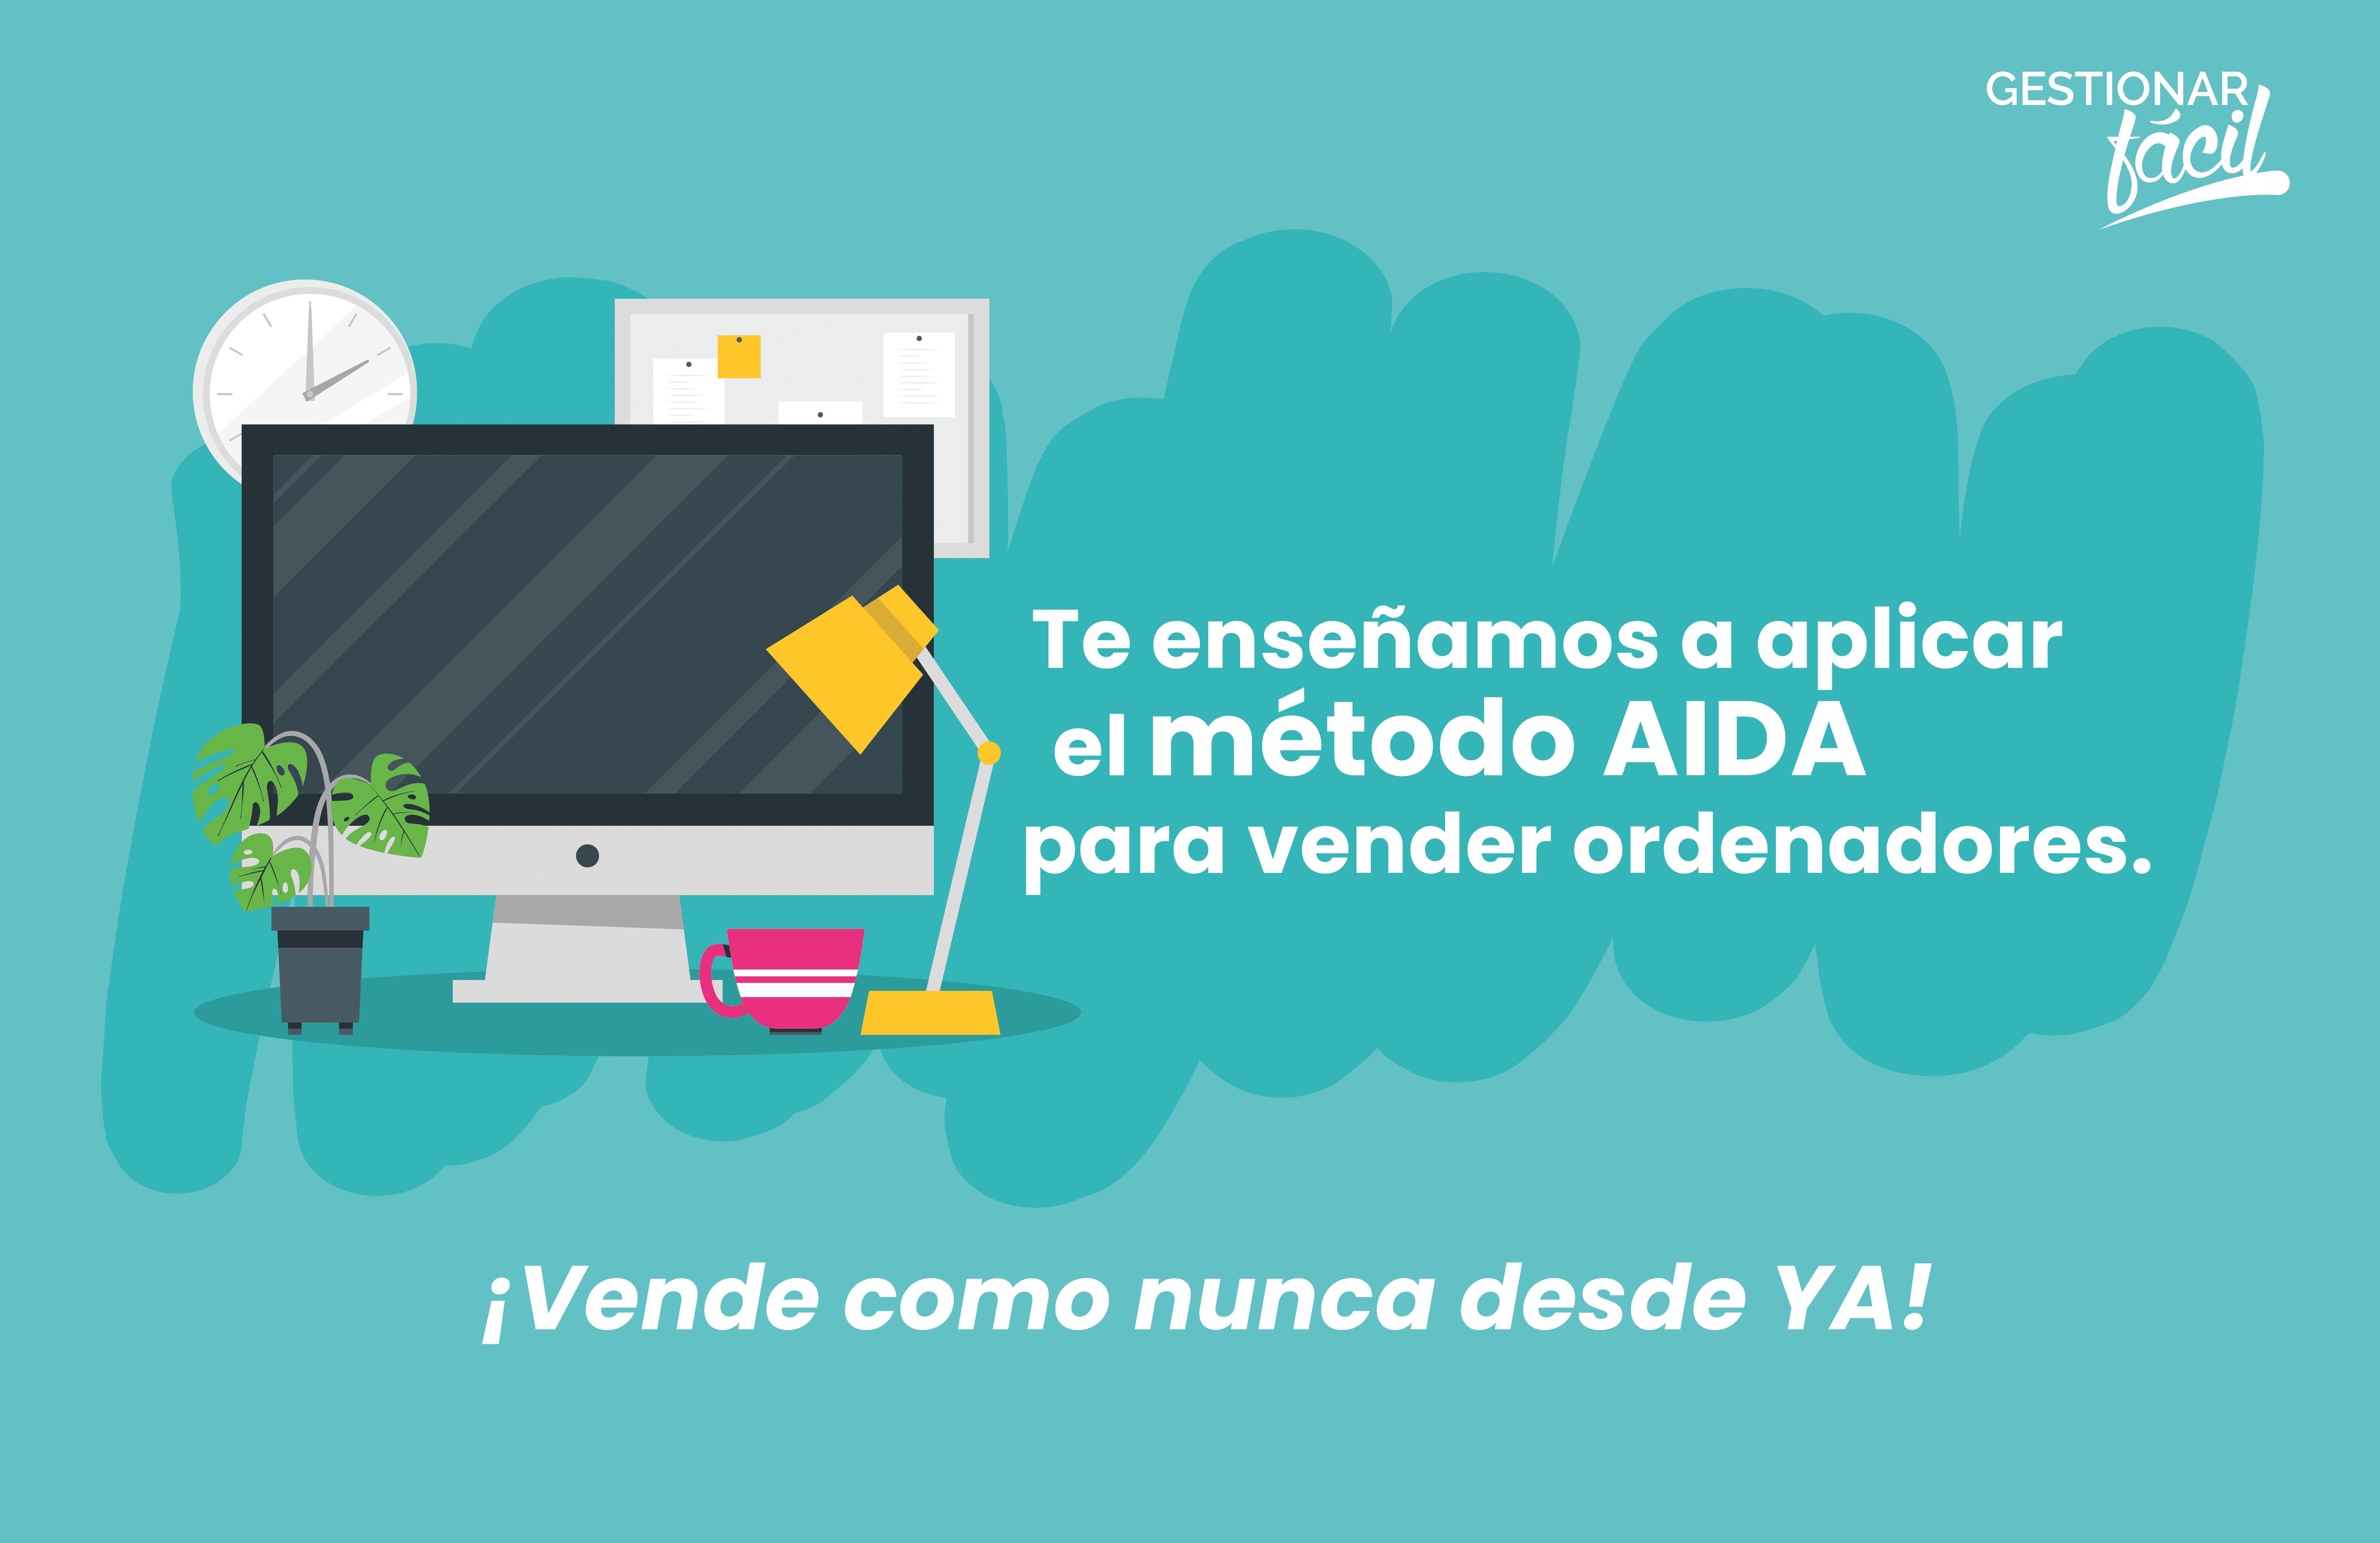 Cómo aplicar el método AIDA para vender ordenadores